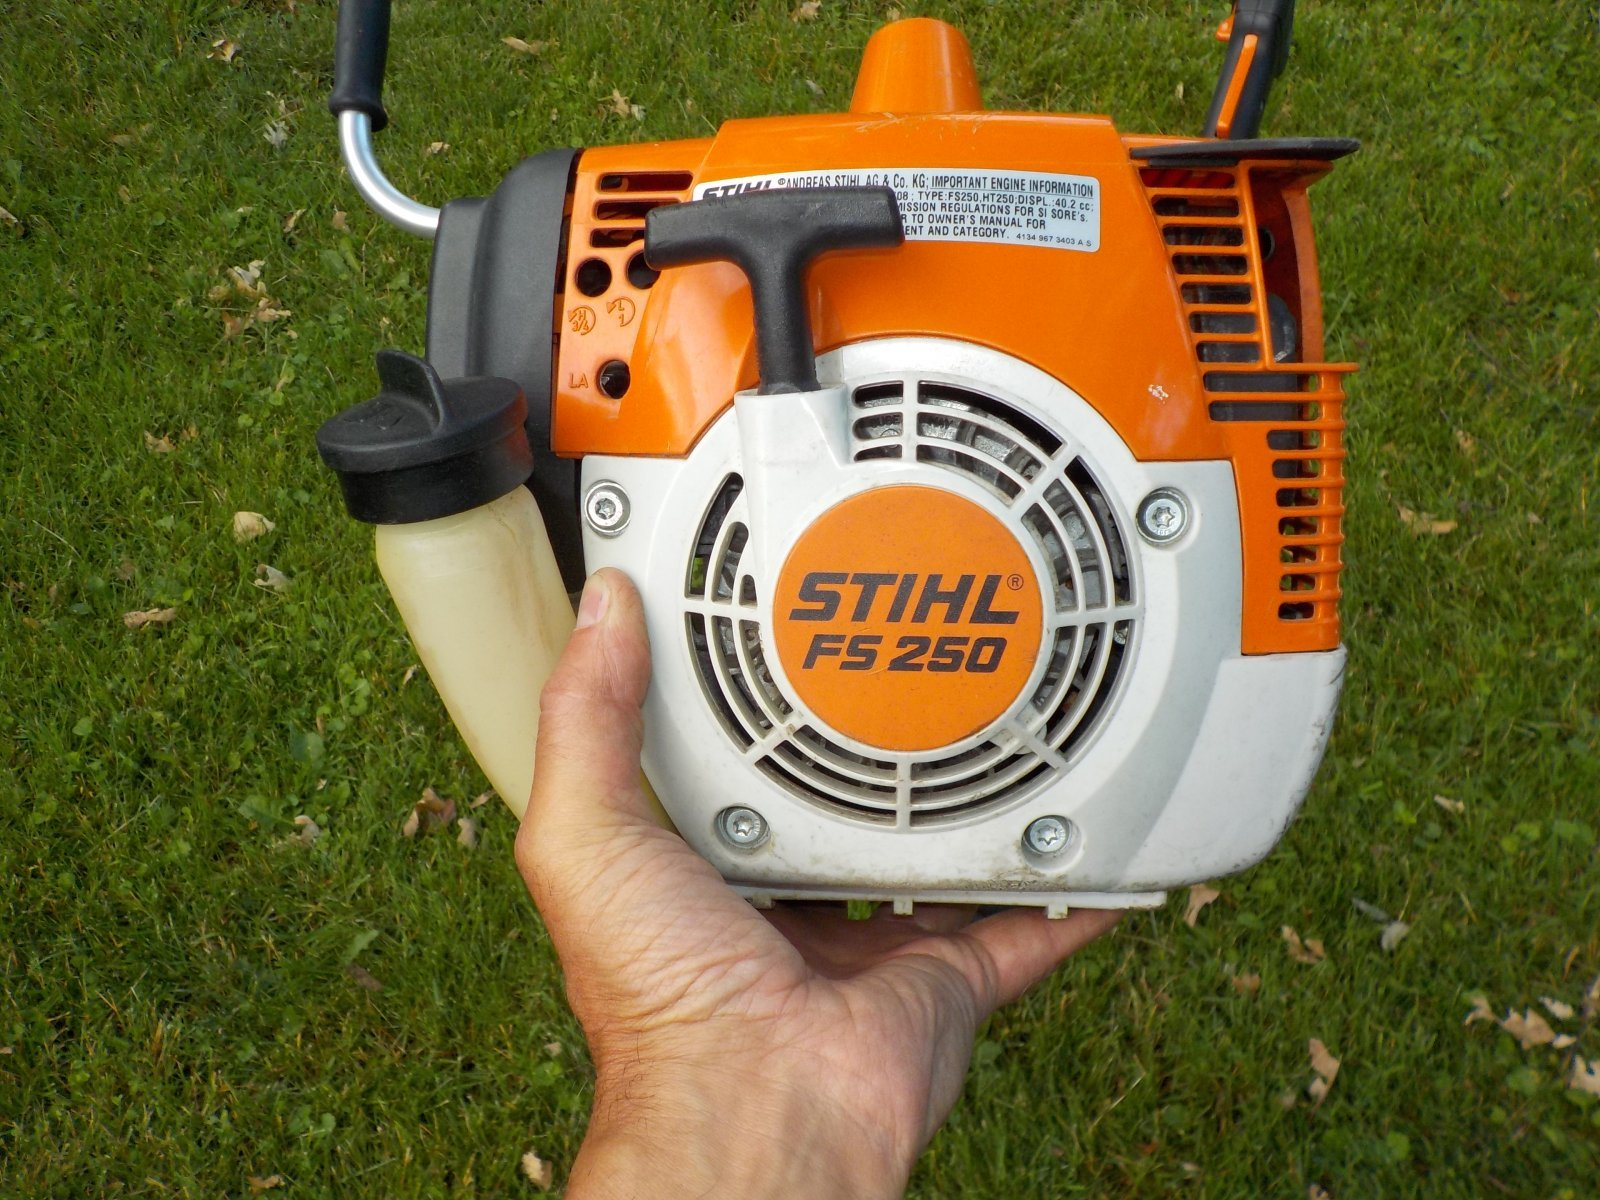 FS 250 STIHL Brush Cutter